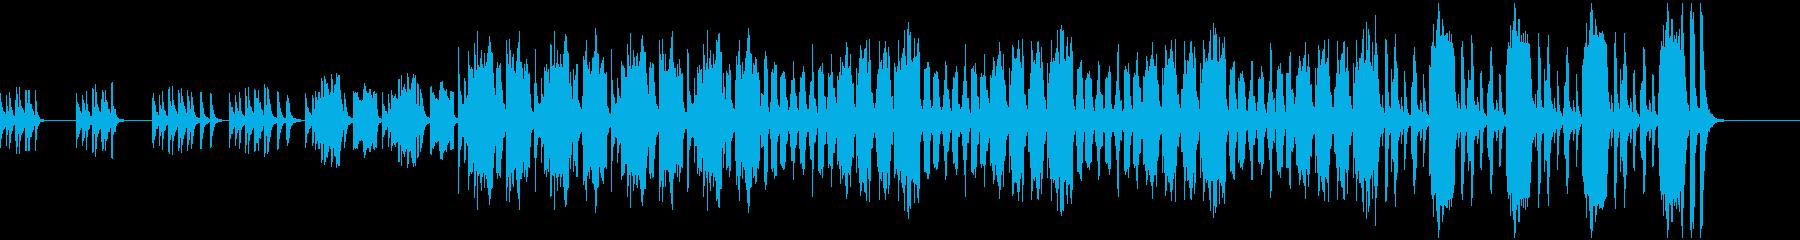 ほのぼの可愛らしいお散歩的な曲の再生済みの波形